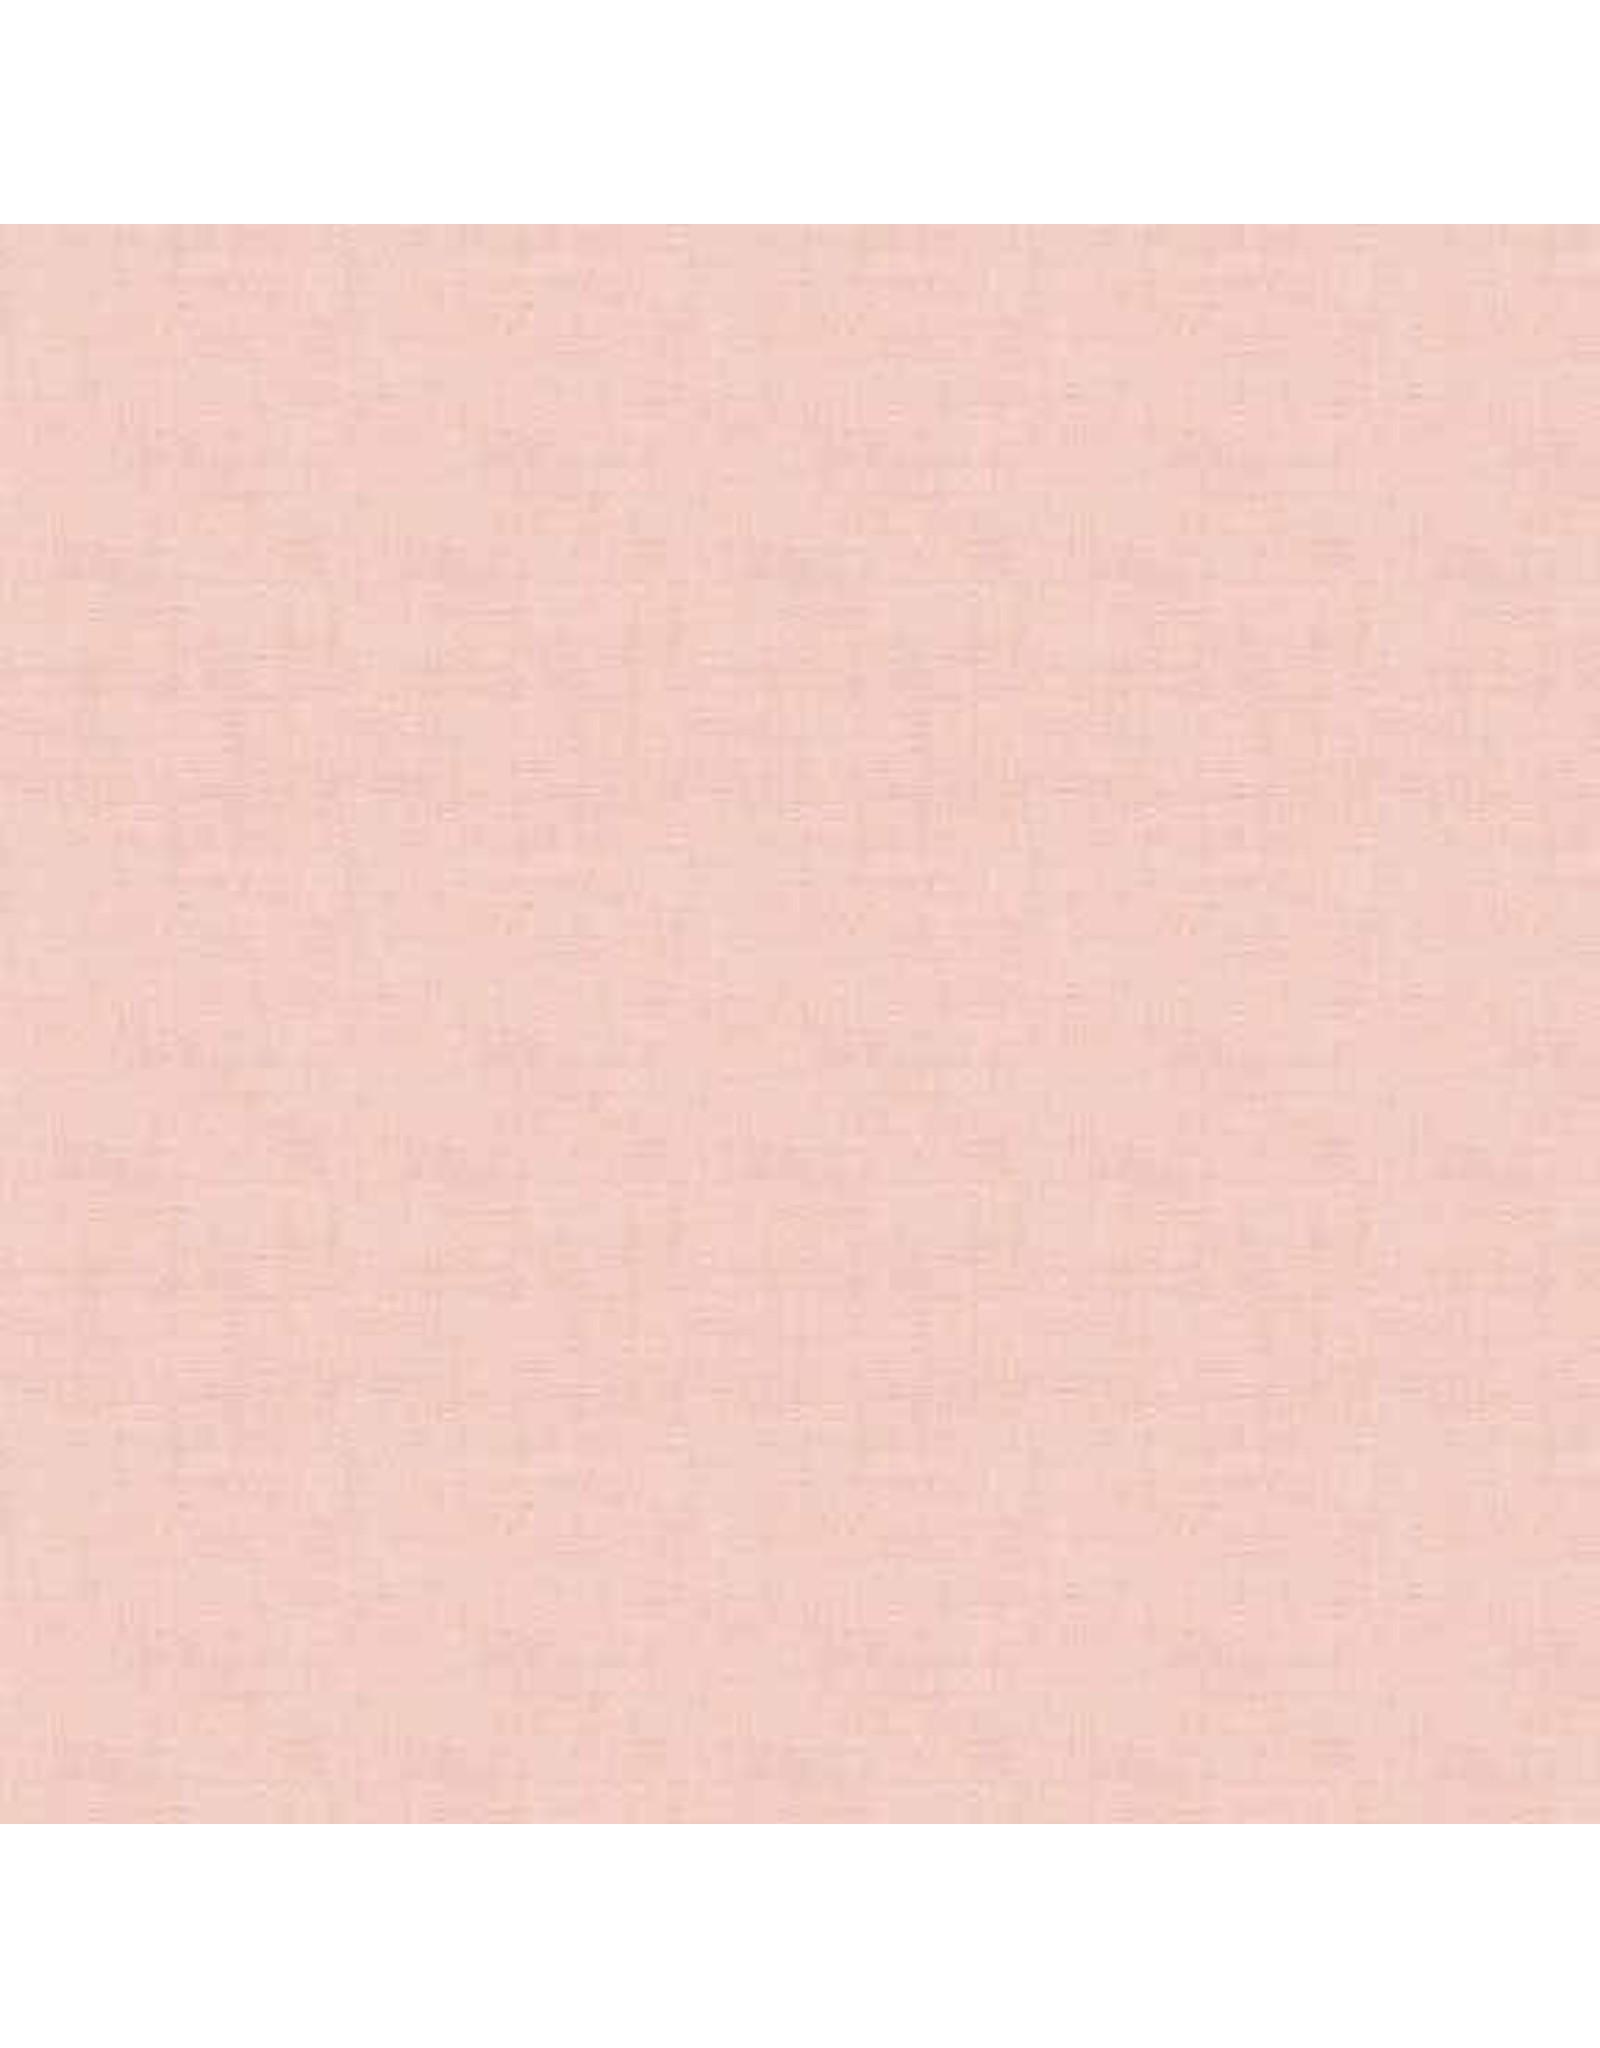 Makower UK Linen Texture - Pale Pink